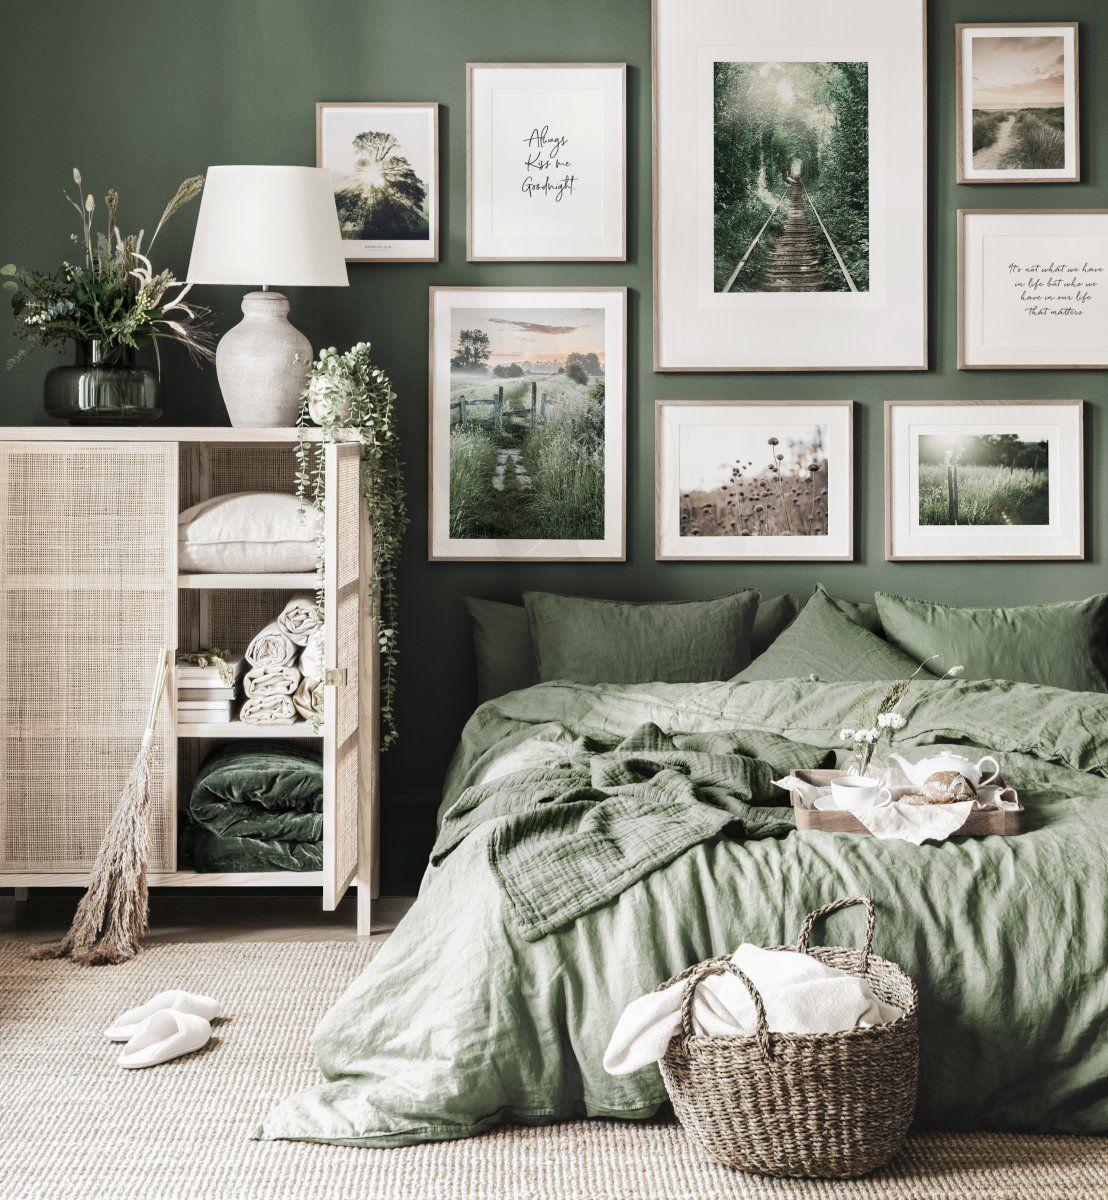 Grüne Bilderwand Natur Landschaftsposter Eichenrahmen